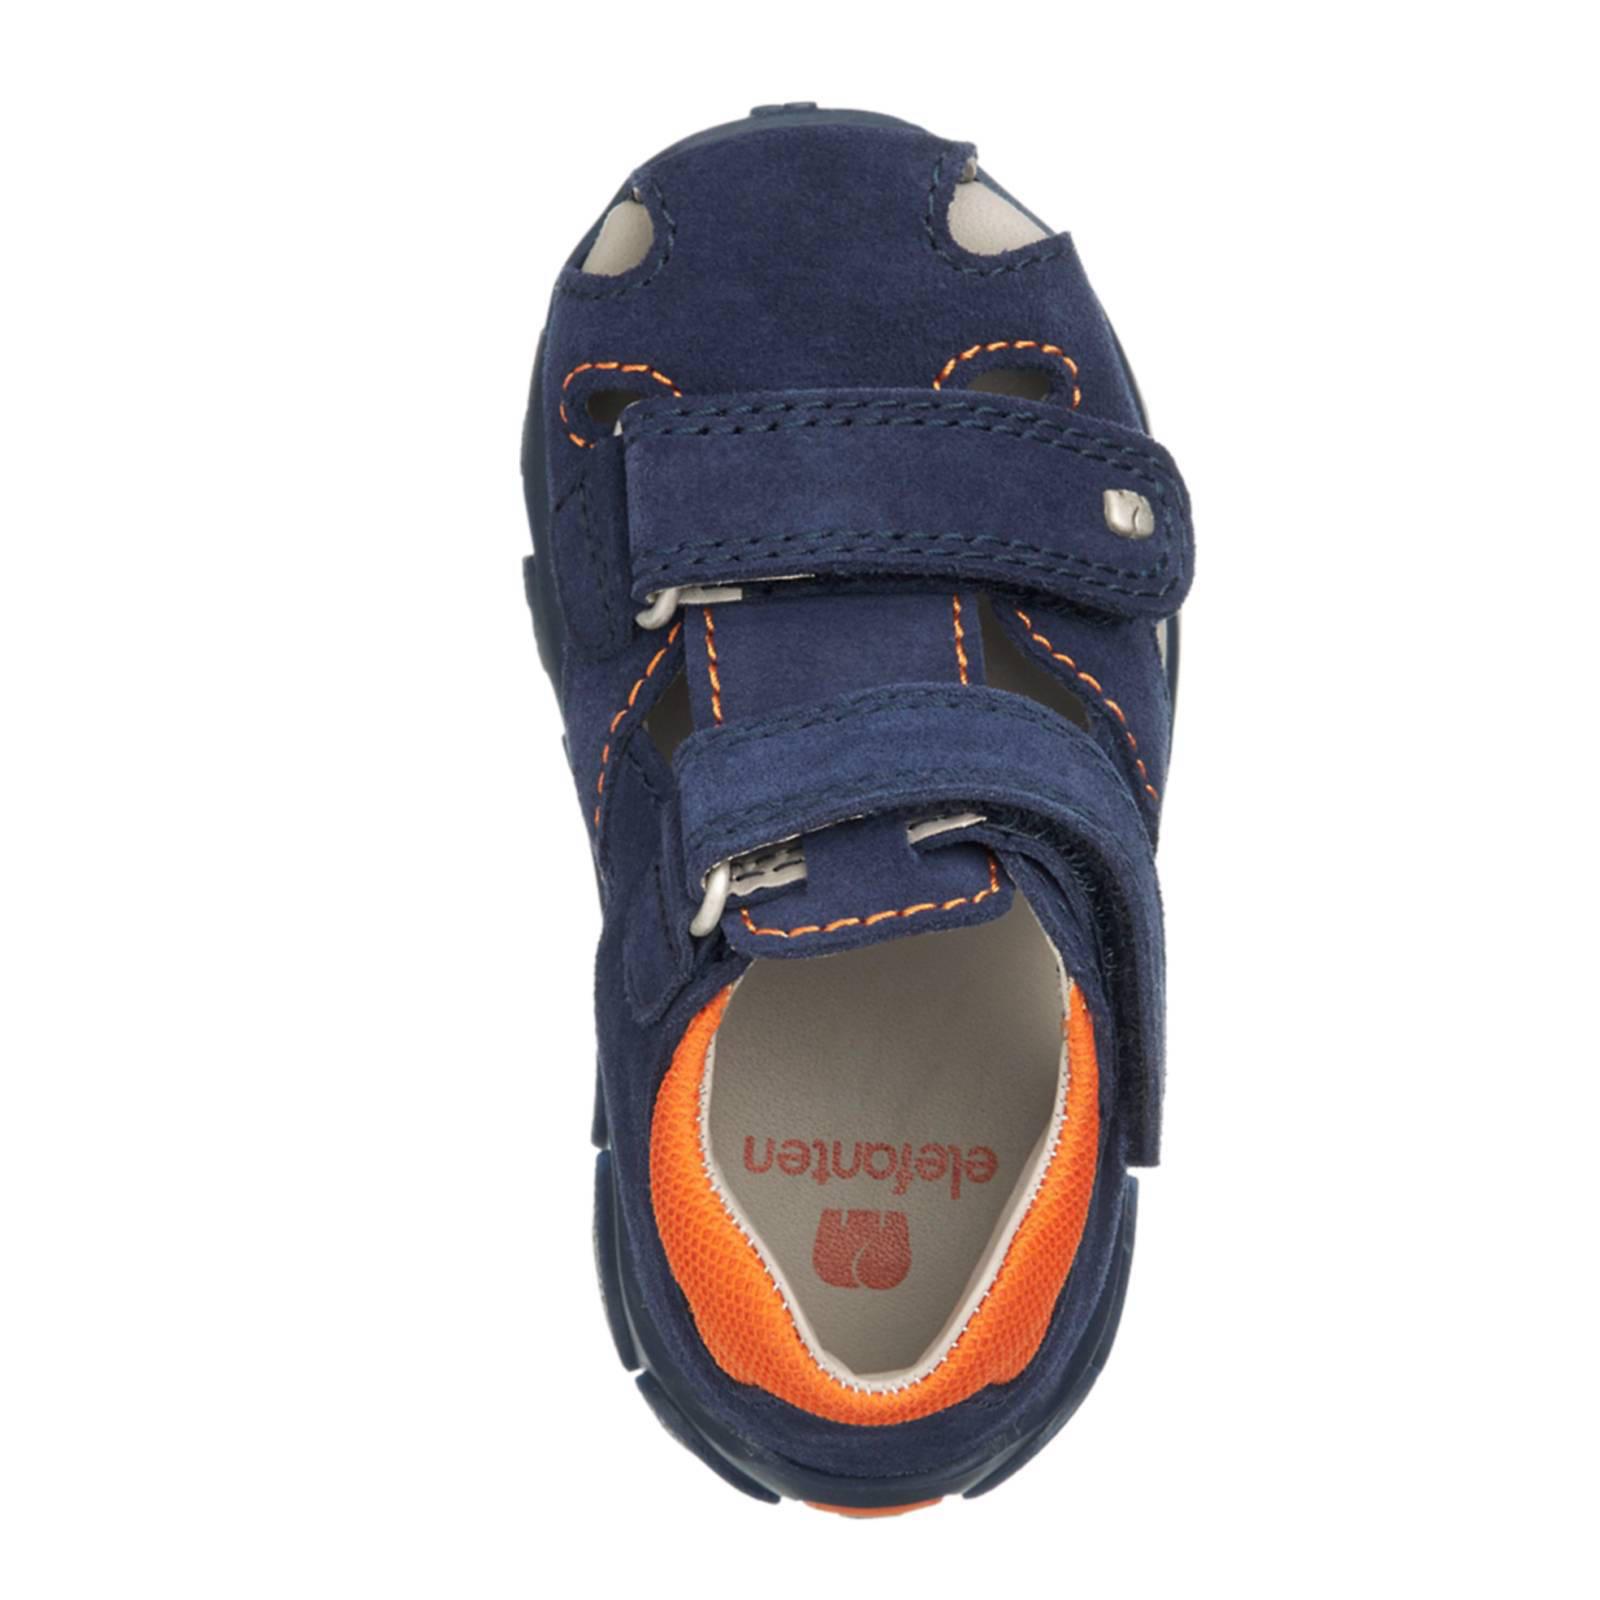 Blauwe suede sandaal klittenband Elefanten maat 22